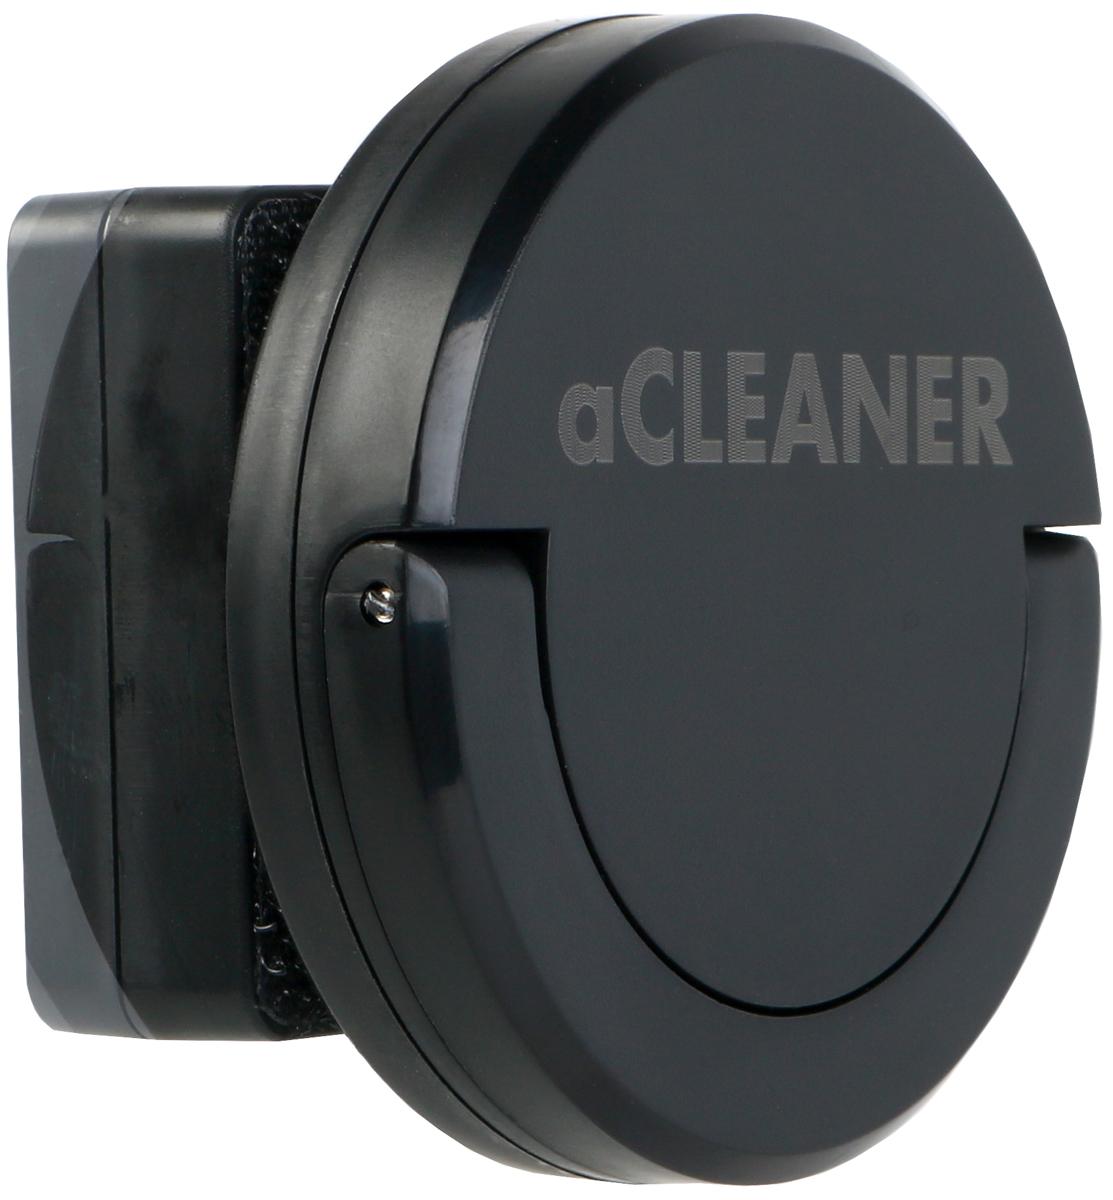 Скребок магнитный AquaLighter aCleaner Black для аквариумов